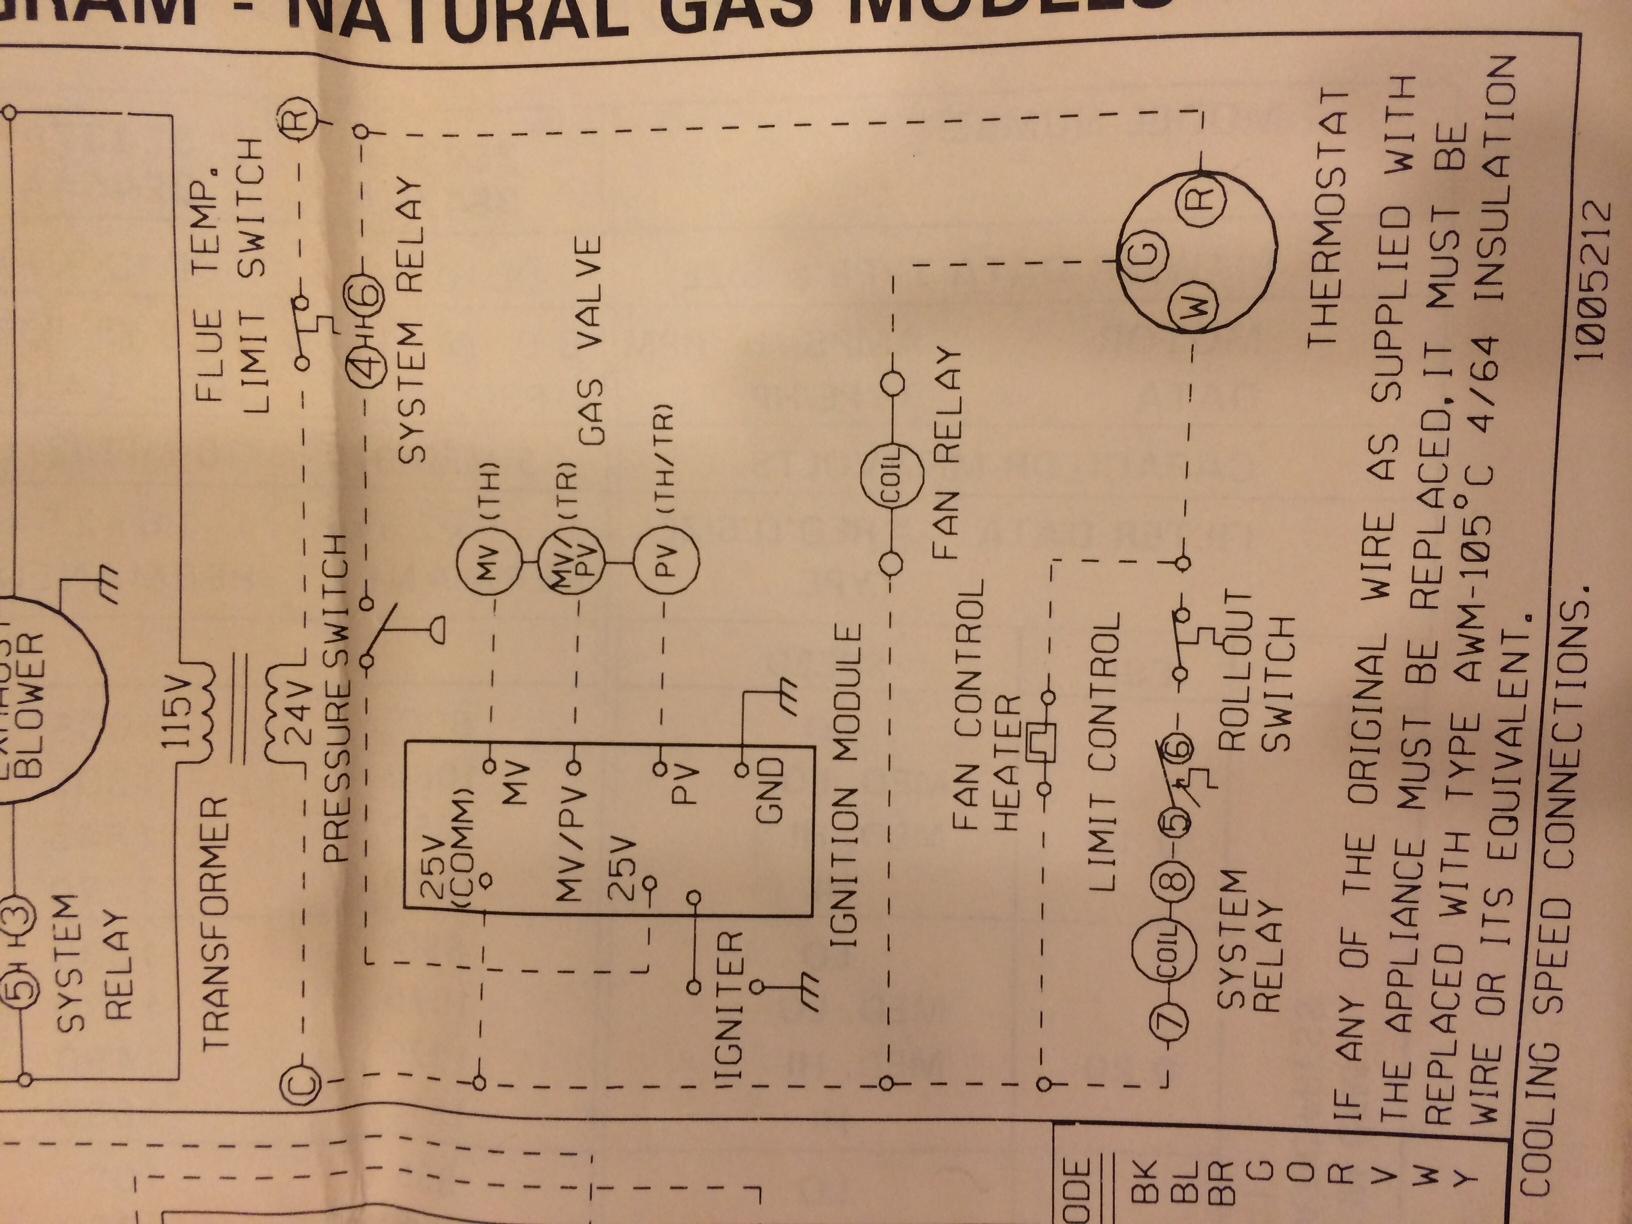 dayton furnace wiring diagram get free image about wiring diagram